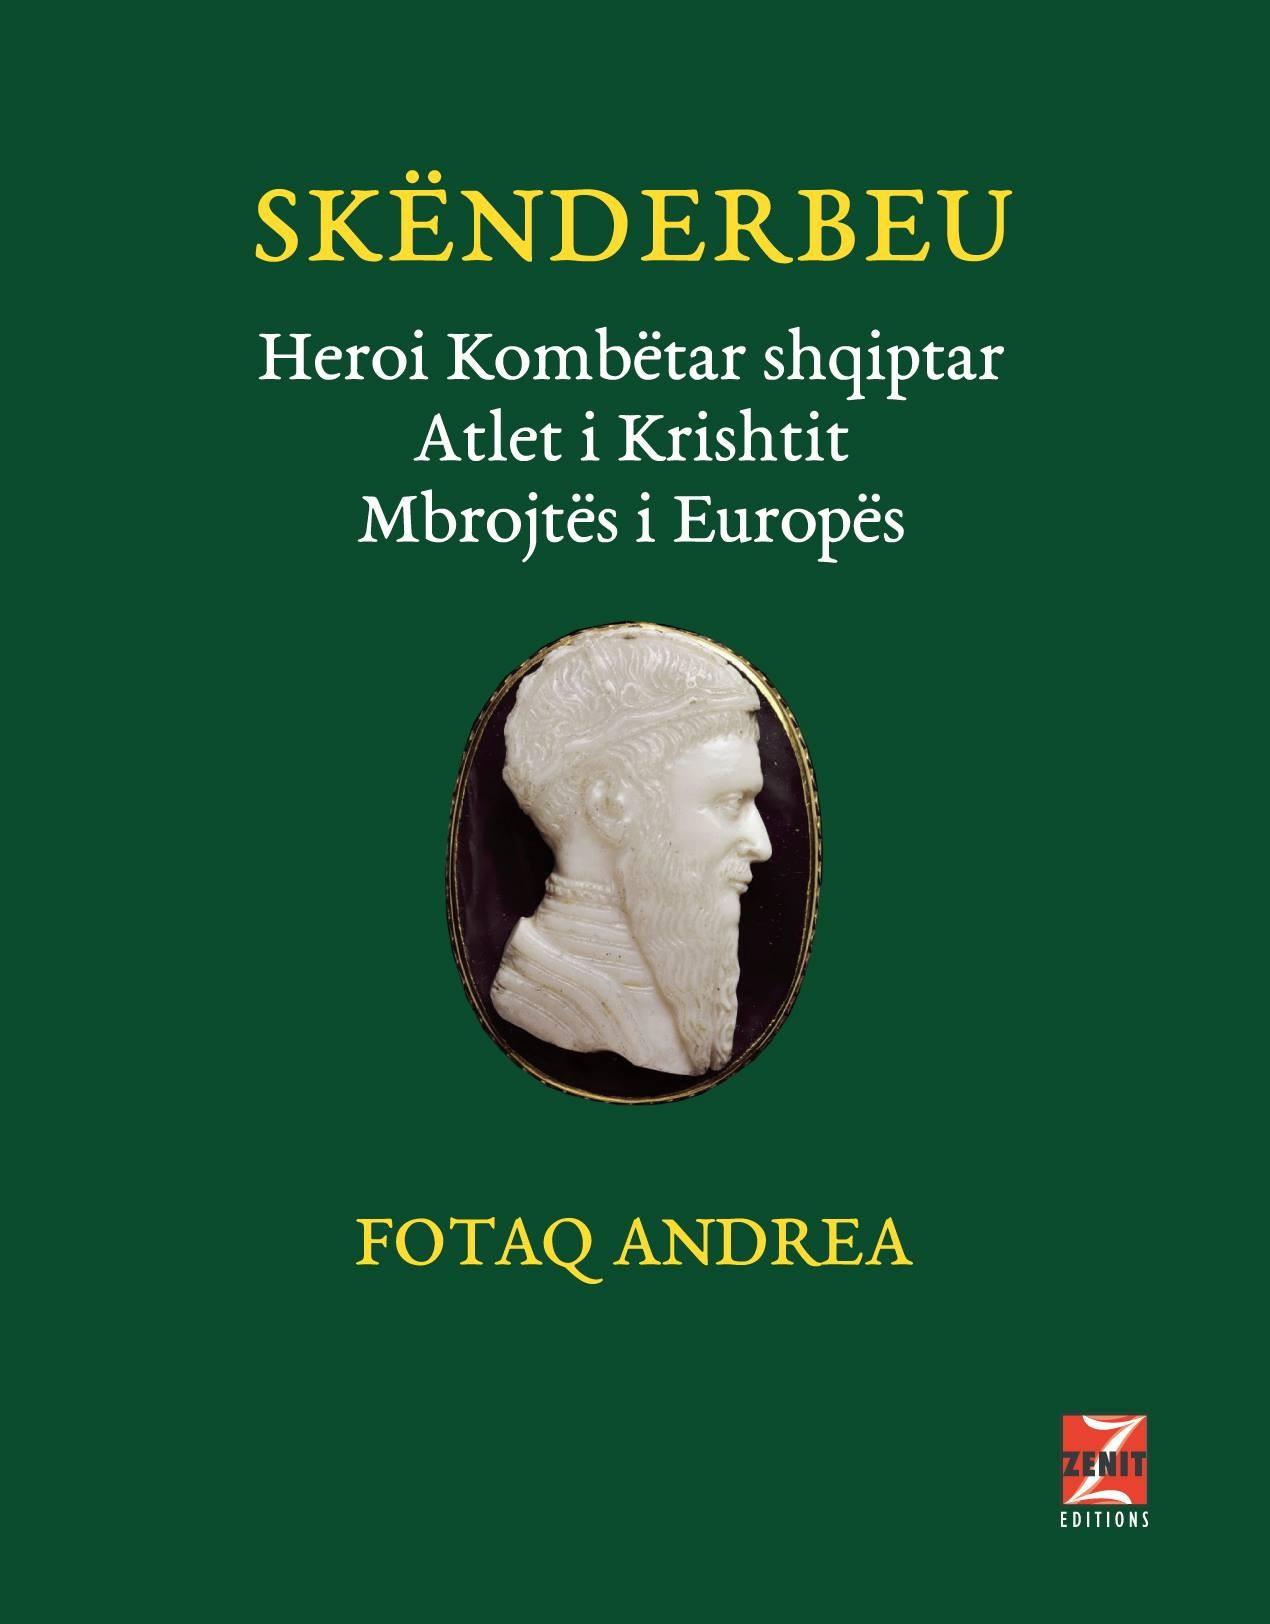 Skënderbeu, Heroi Kombëtar Shqiptar, Atlet i Krishtit, Mbrojtës i Europës